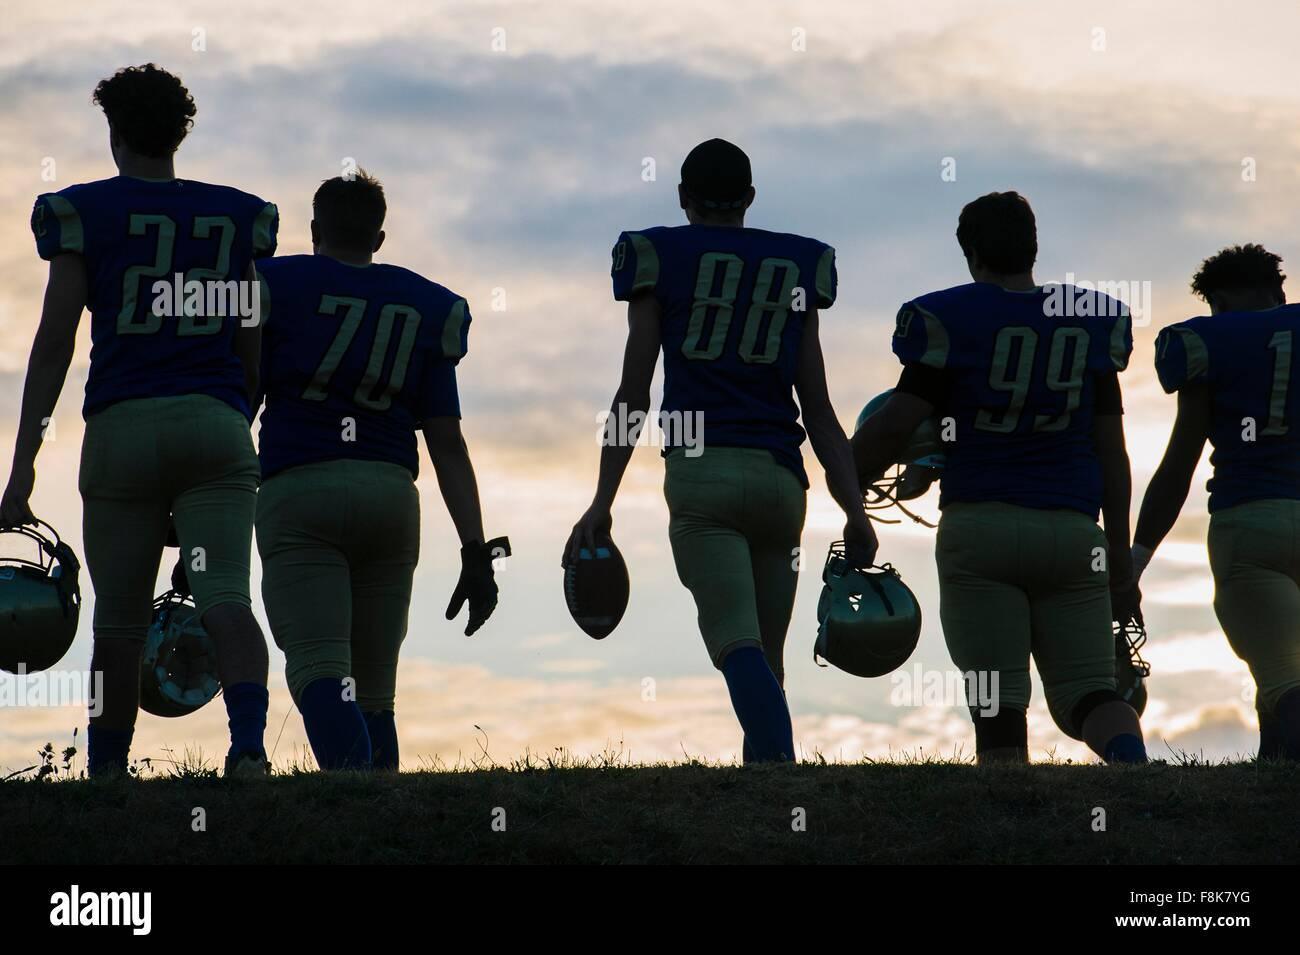 Gruppe junger US-amerikanischer american-Football-Spieler zu Fuß entfernt, Rückansicht Stockbild